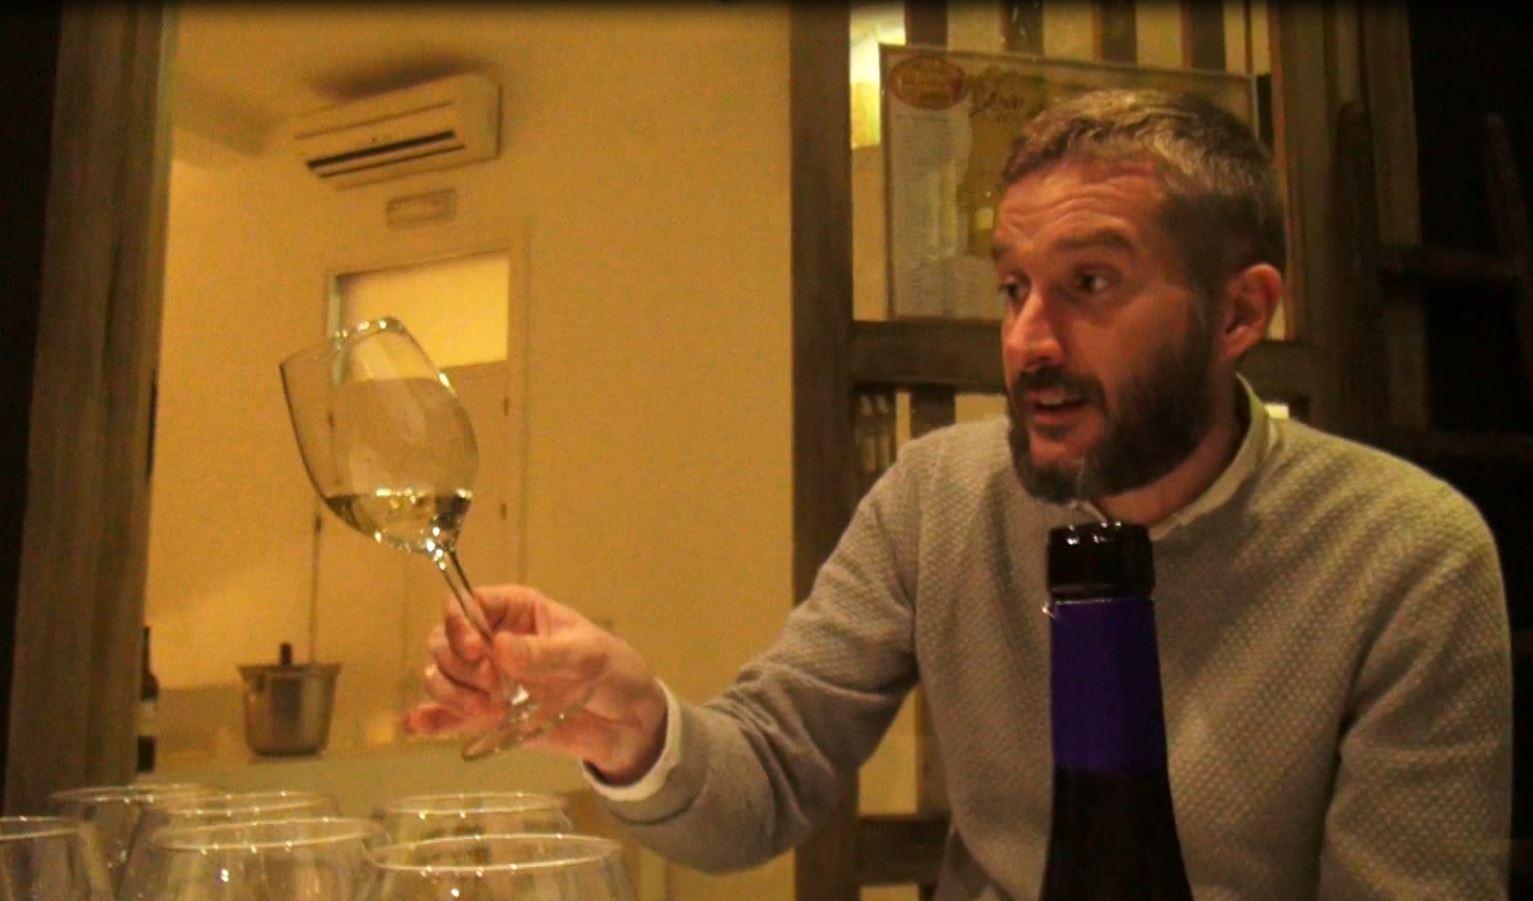 El enólogo Armando Guerra durante una sesión de cata de vinos en la Taberna der Guerrita